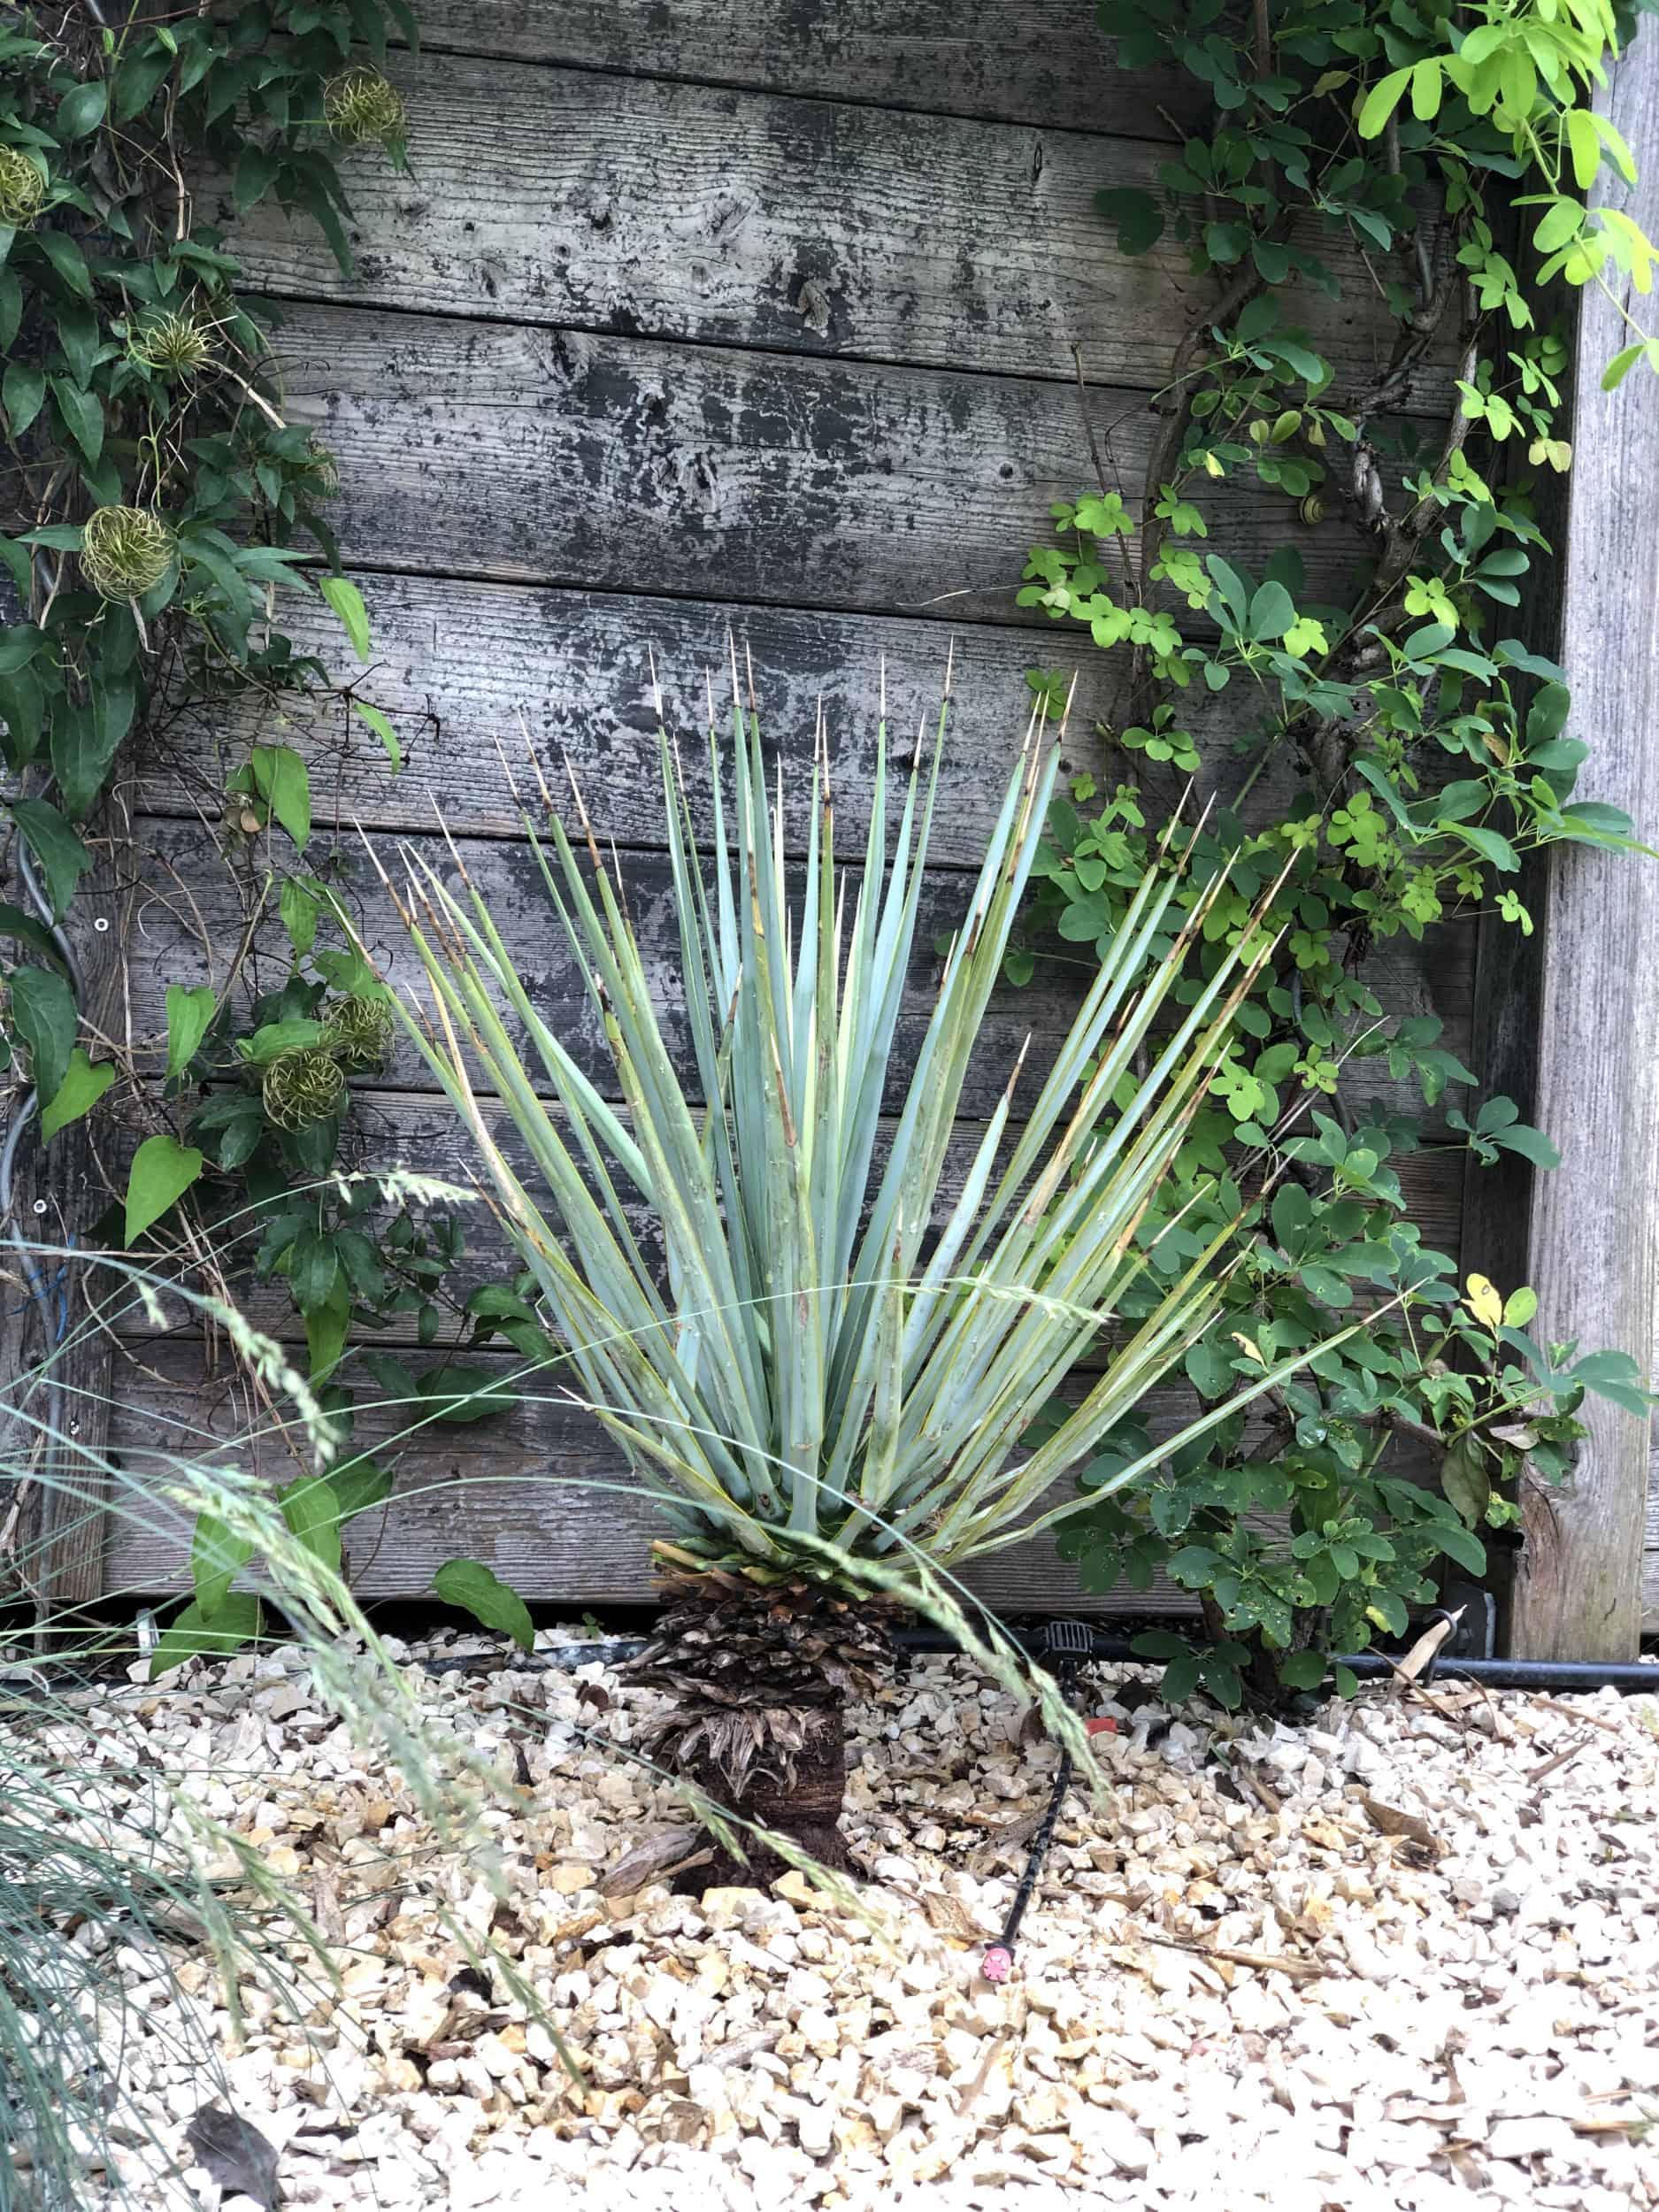 20-06-Yucca rigida 01